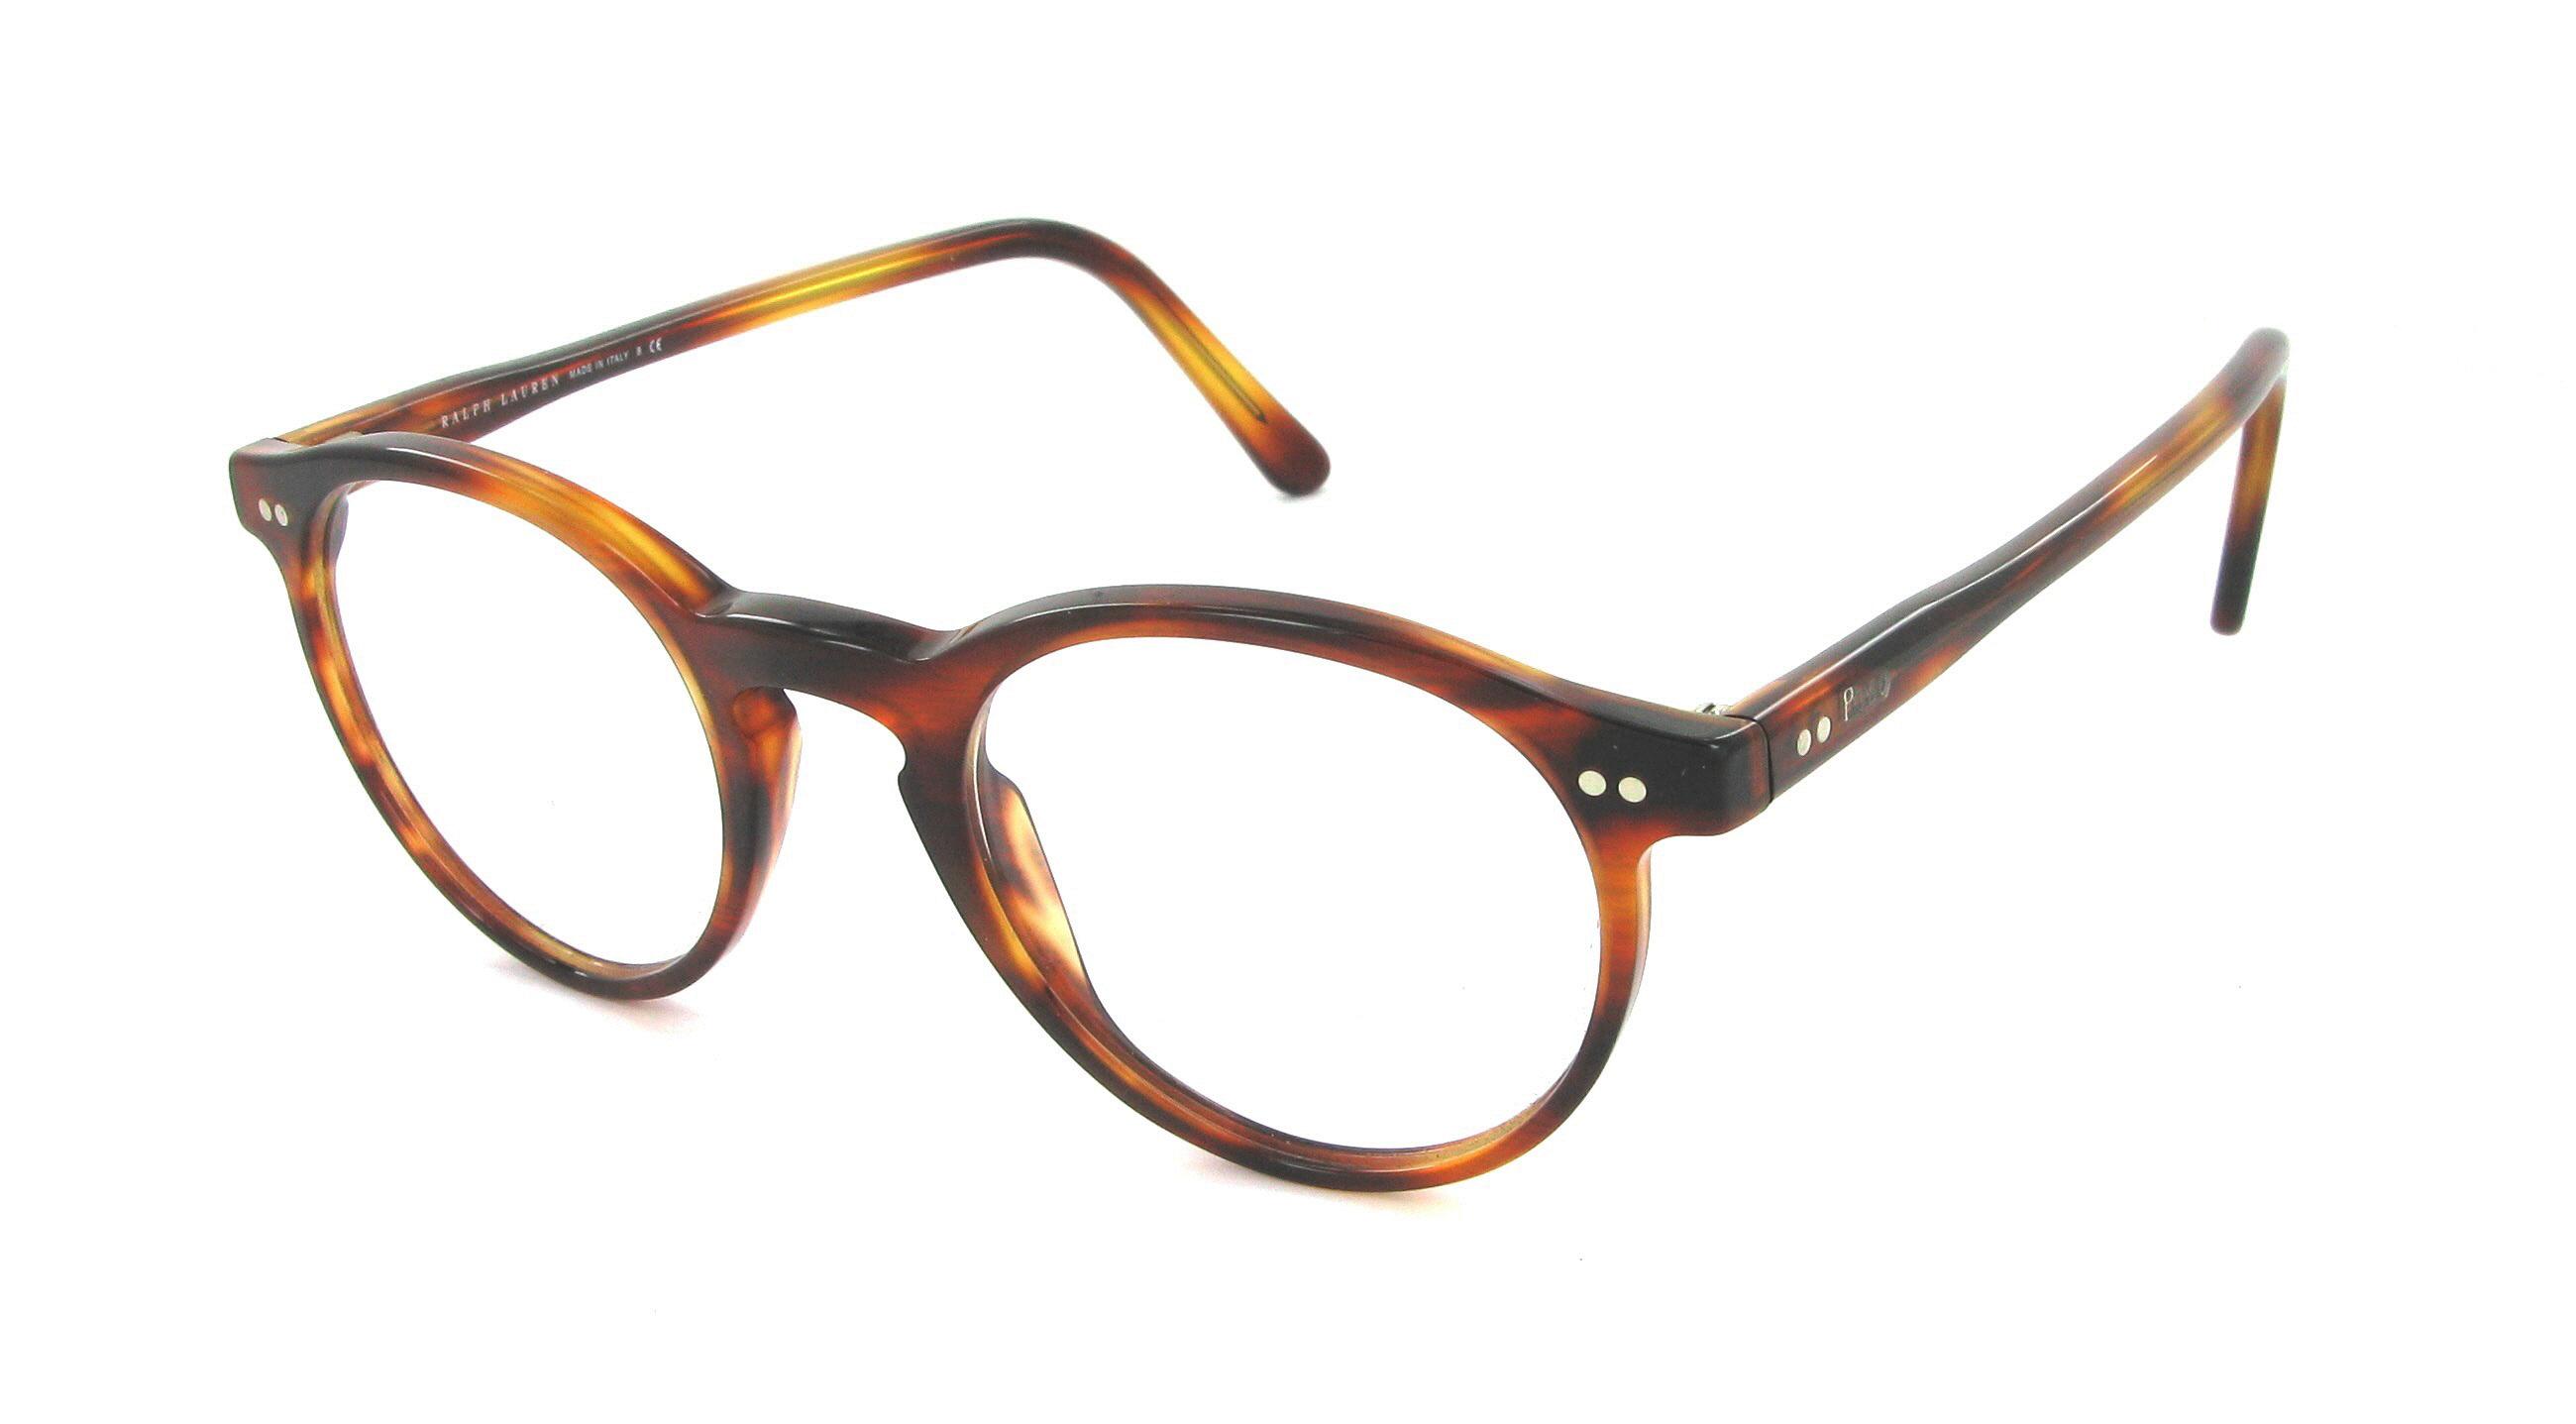 105ef28f4a Trouvez les lunettes qui correspondent à votre visage - UneFille.fr